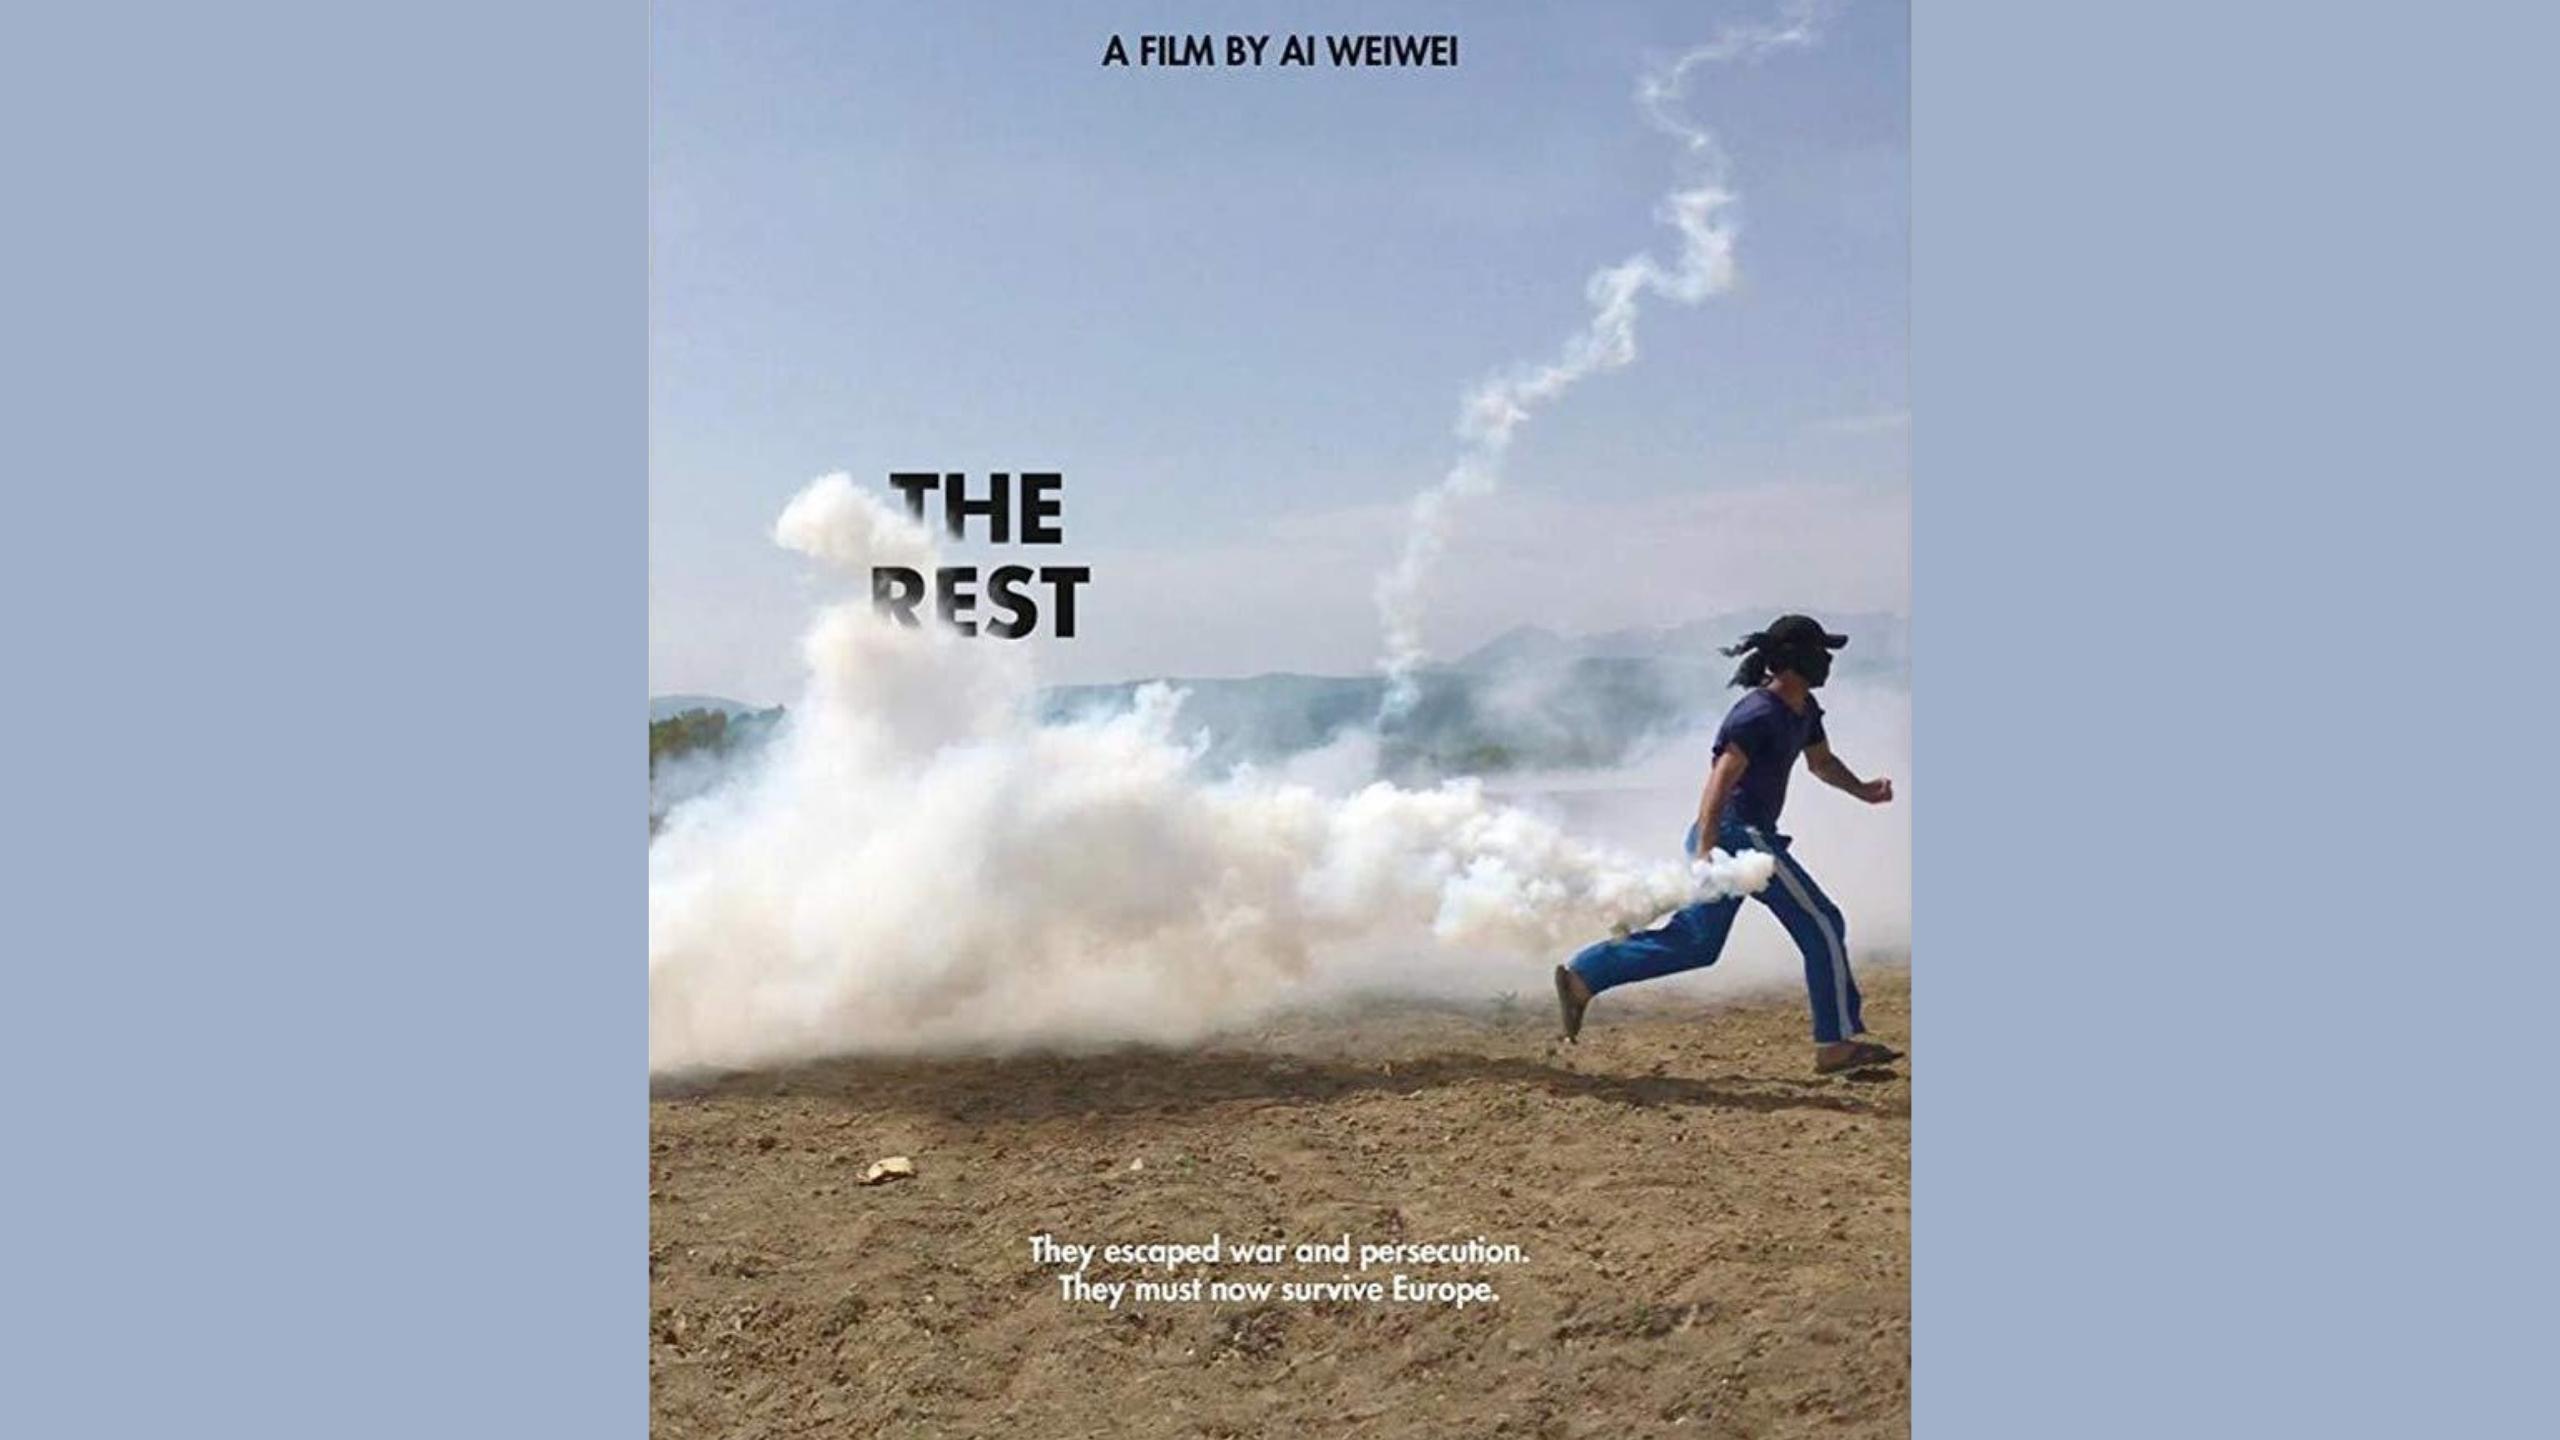 Zinebi proyectará este sábado en Bilborock el documental chino-alemán 'The Rest'